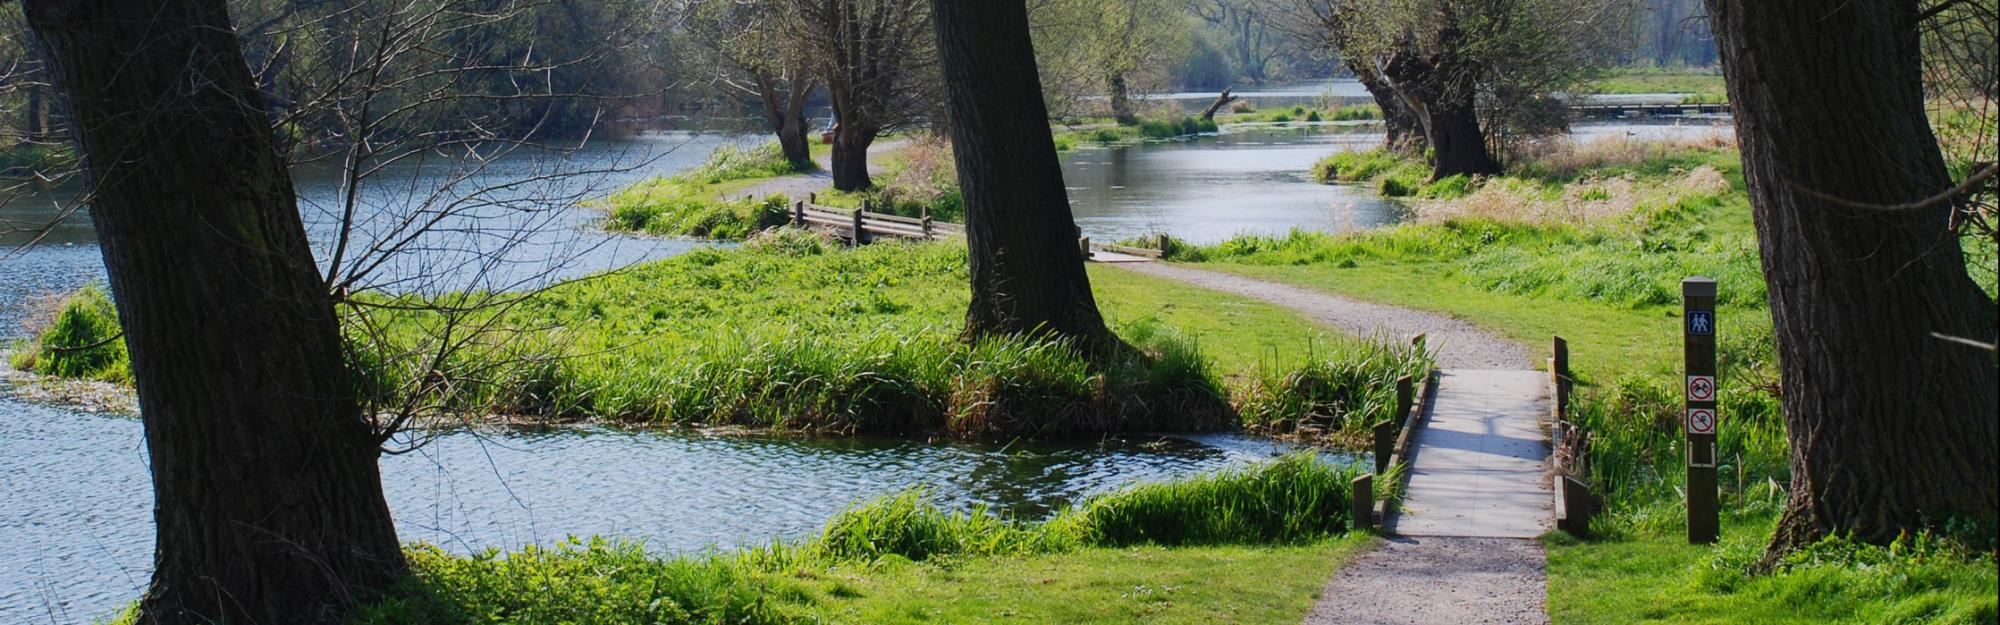 La Métropole Européenne de Lille s'engage dans une Stratégie de renforcement des trames écologiques de son territoire